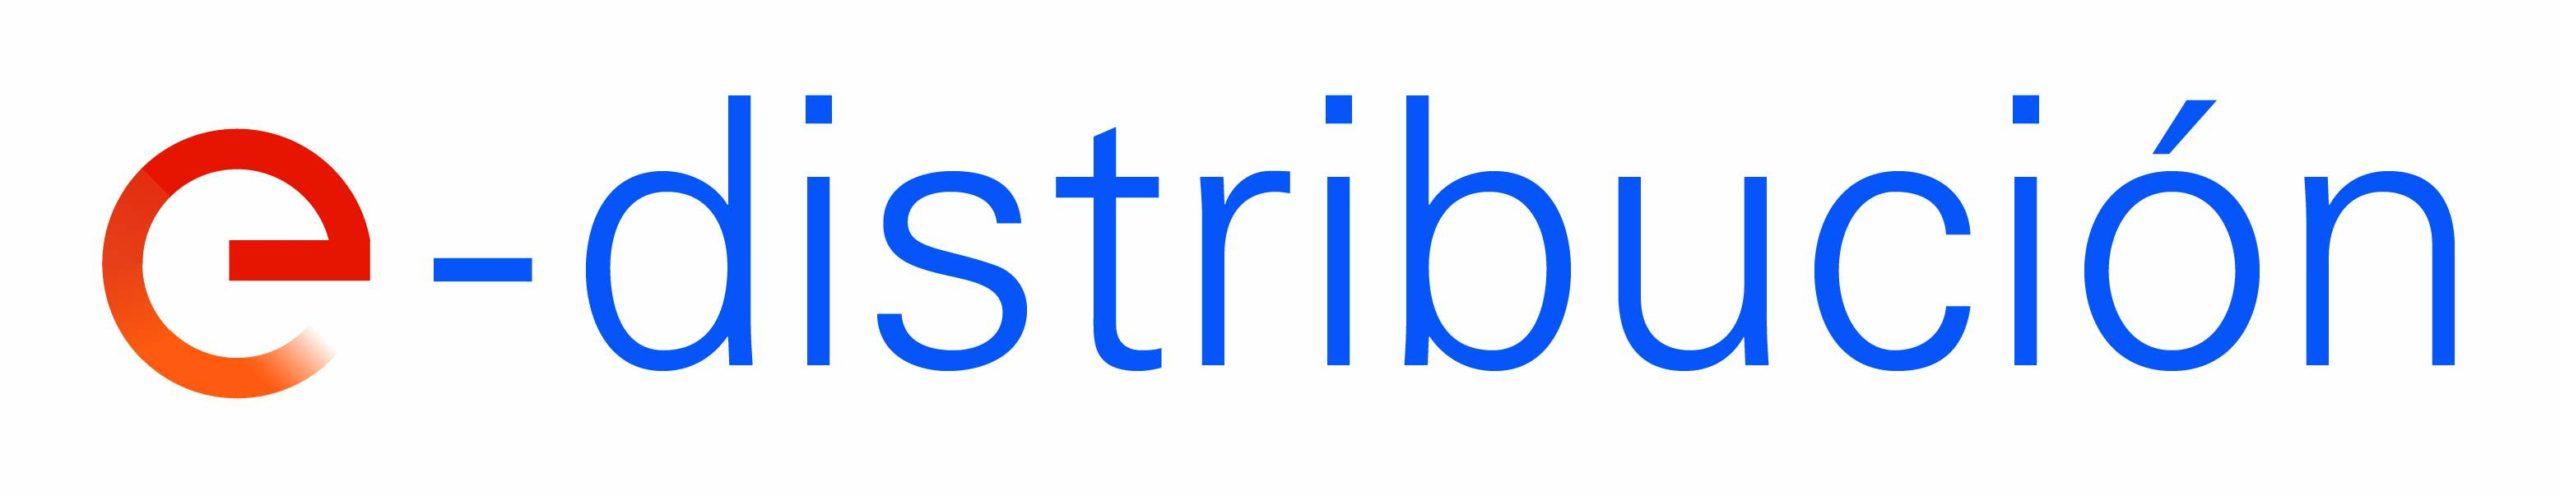 e_distribucion_logo